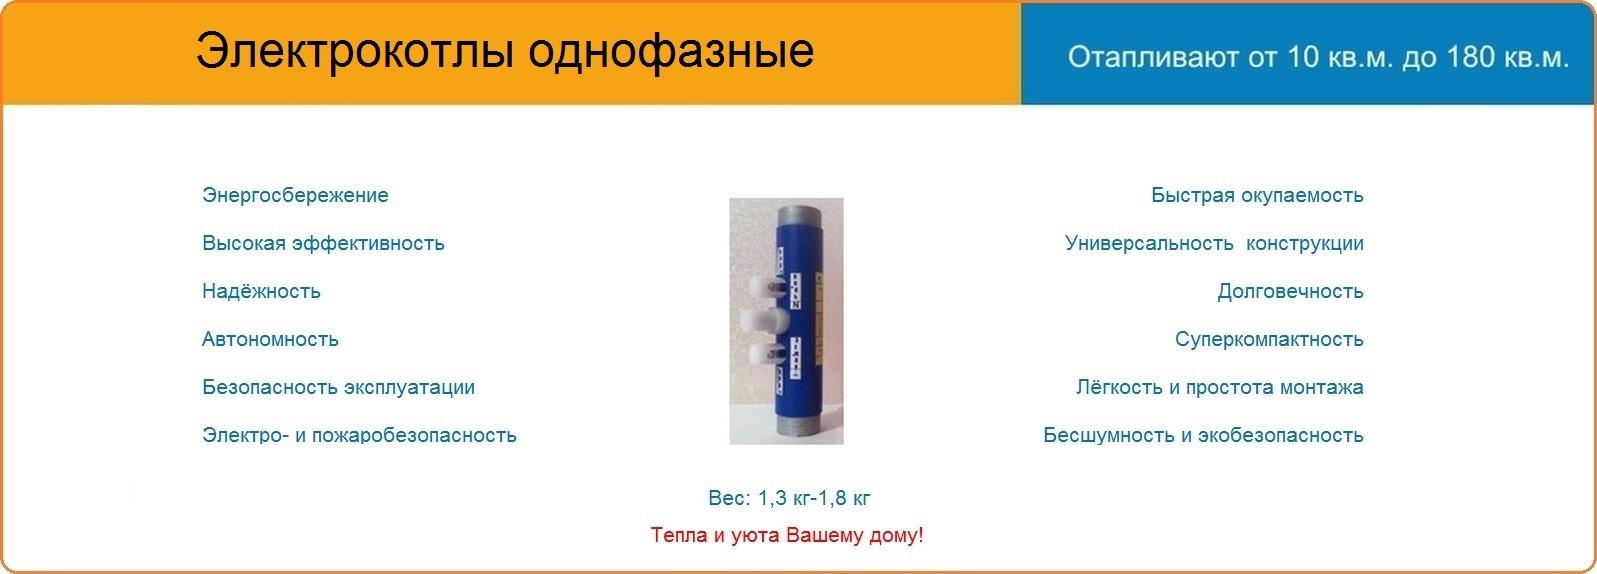 электрокотлы однофазные - teploserv.ru